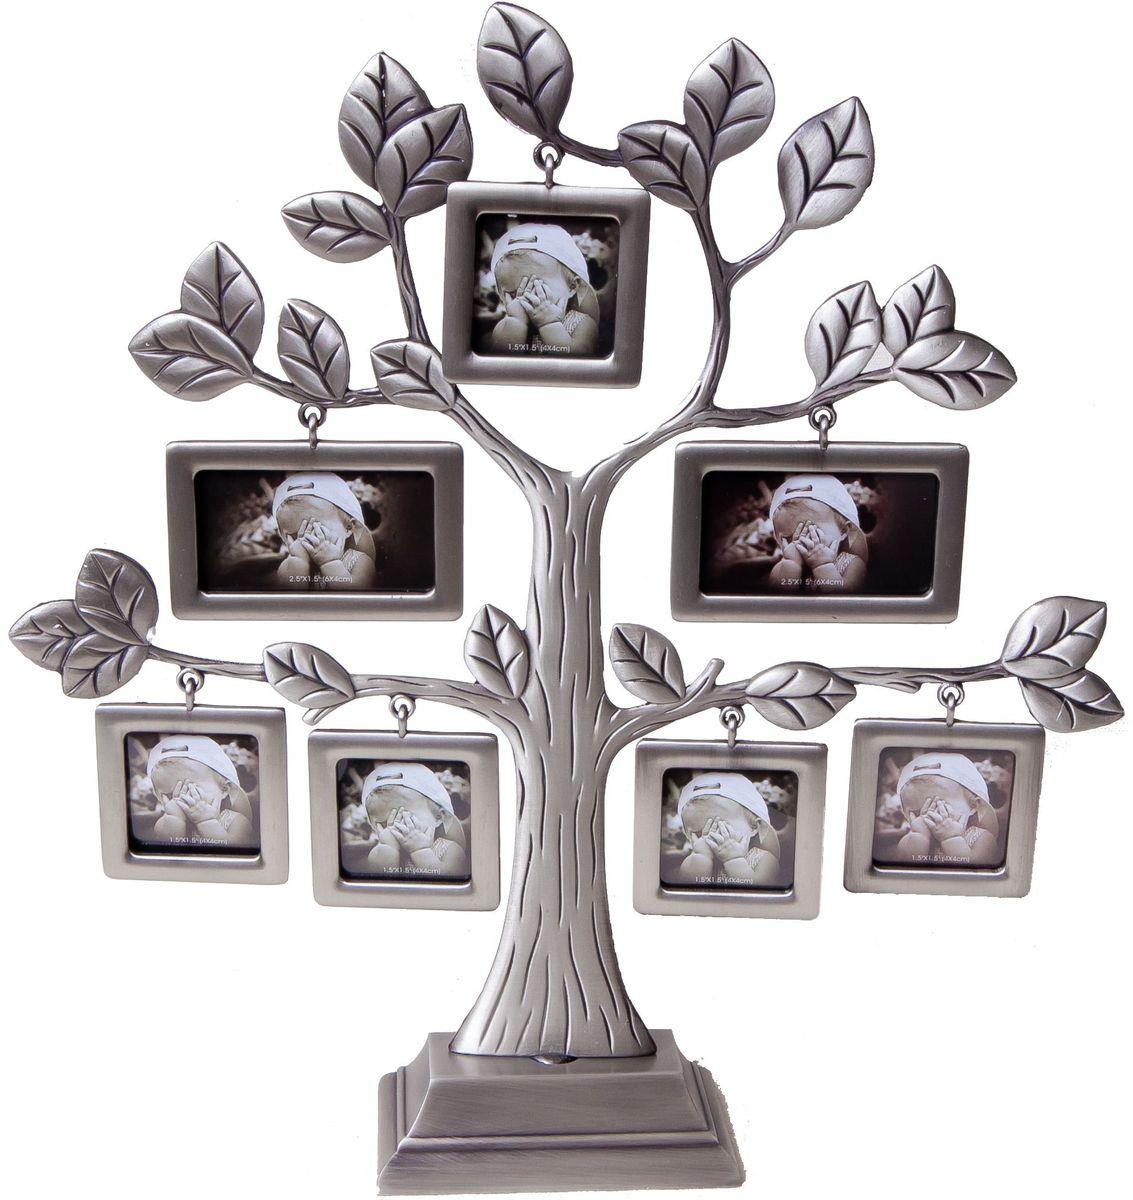 Фоторамка Platinum Дерево, цвет: светло-серый, на 7 фото. PF97727 фоторамок на дереве PF9772Декоративная фоторамка Platinum Дерево выполнена из металла. На подставку в виде деревца подвешиваются семь рамочек разной формы. Изысканная и эффектная, эта потрясающая рамочка покорит своей красотой и изумительным качеством исполнения. Декоративная фоторамка Platinum Дерево не только украсит интерьер помещения, но и поможет разместить фото всей вашей семьи. Высота фоторамки: 25 см. Фоторамка подходит для фотографий 4 х 4 см и 6 x 4 см. Общий размер фоторамки: 24 х 4,5 х 25 см.